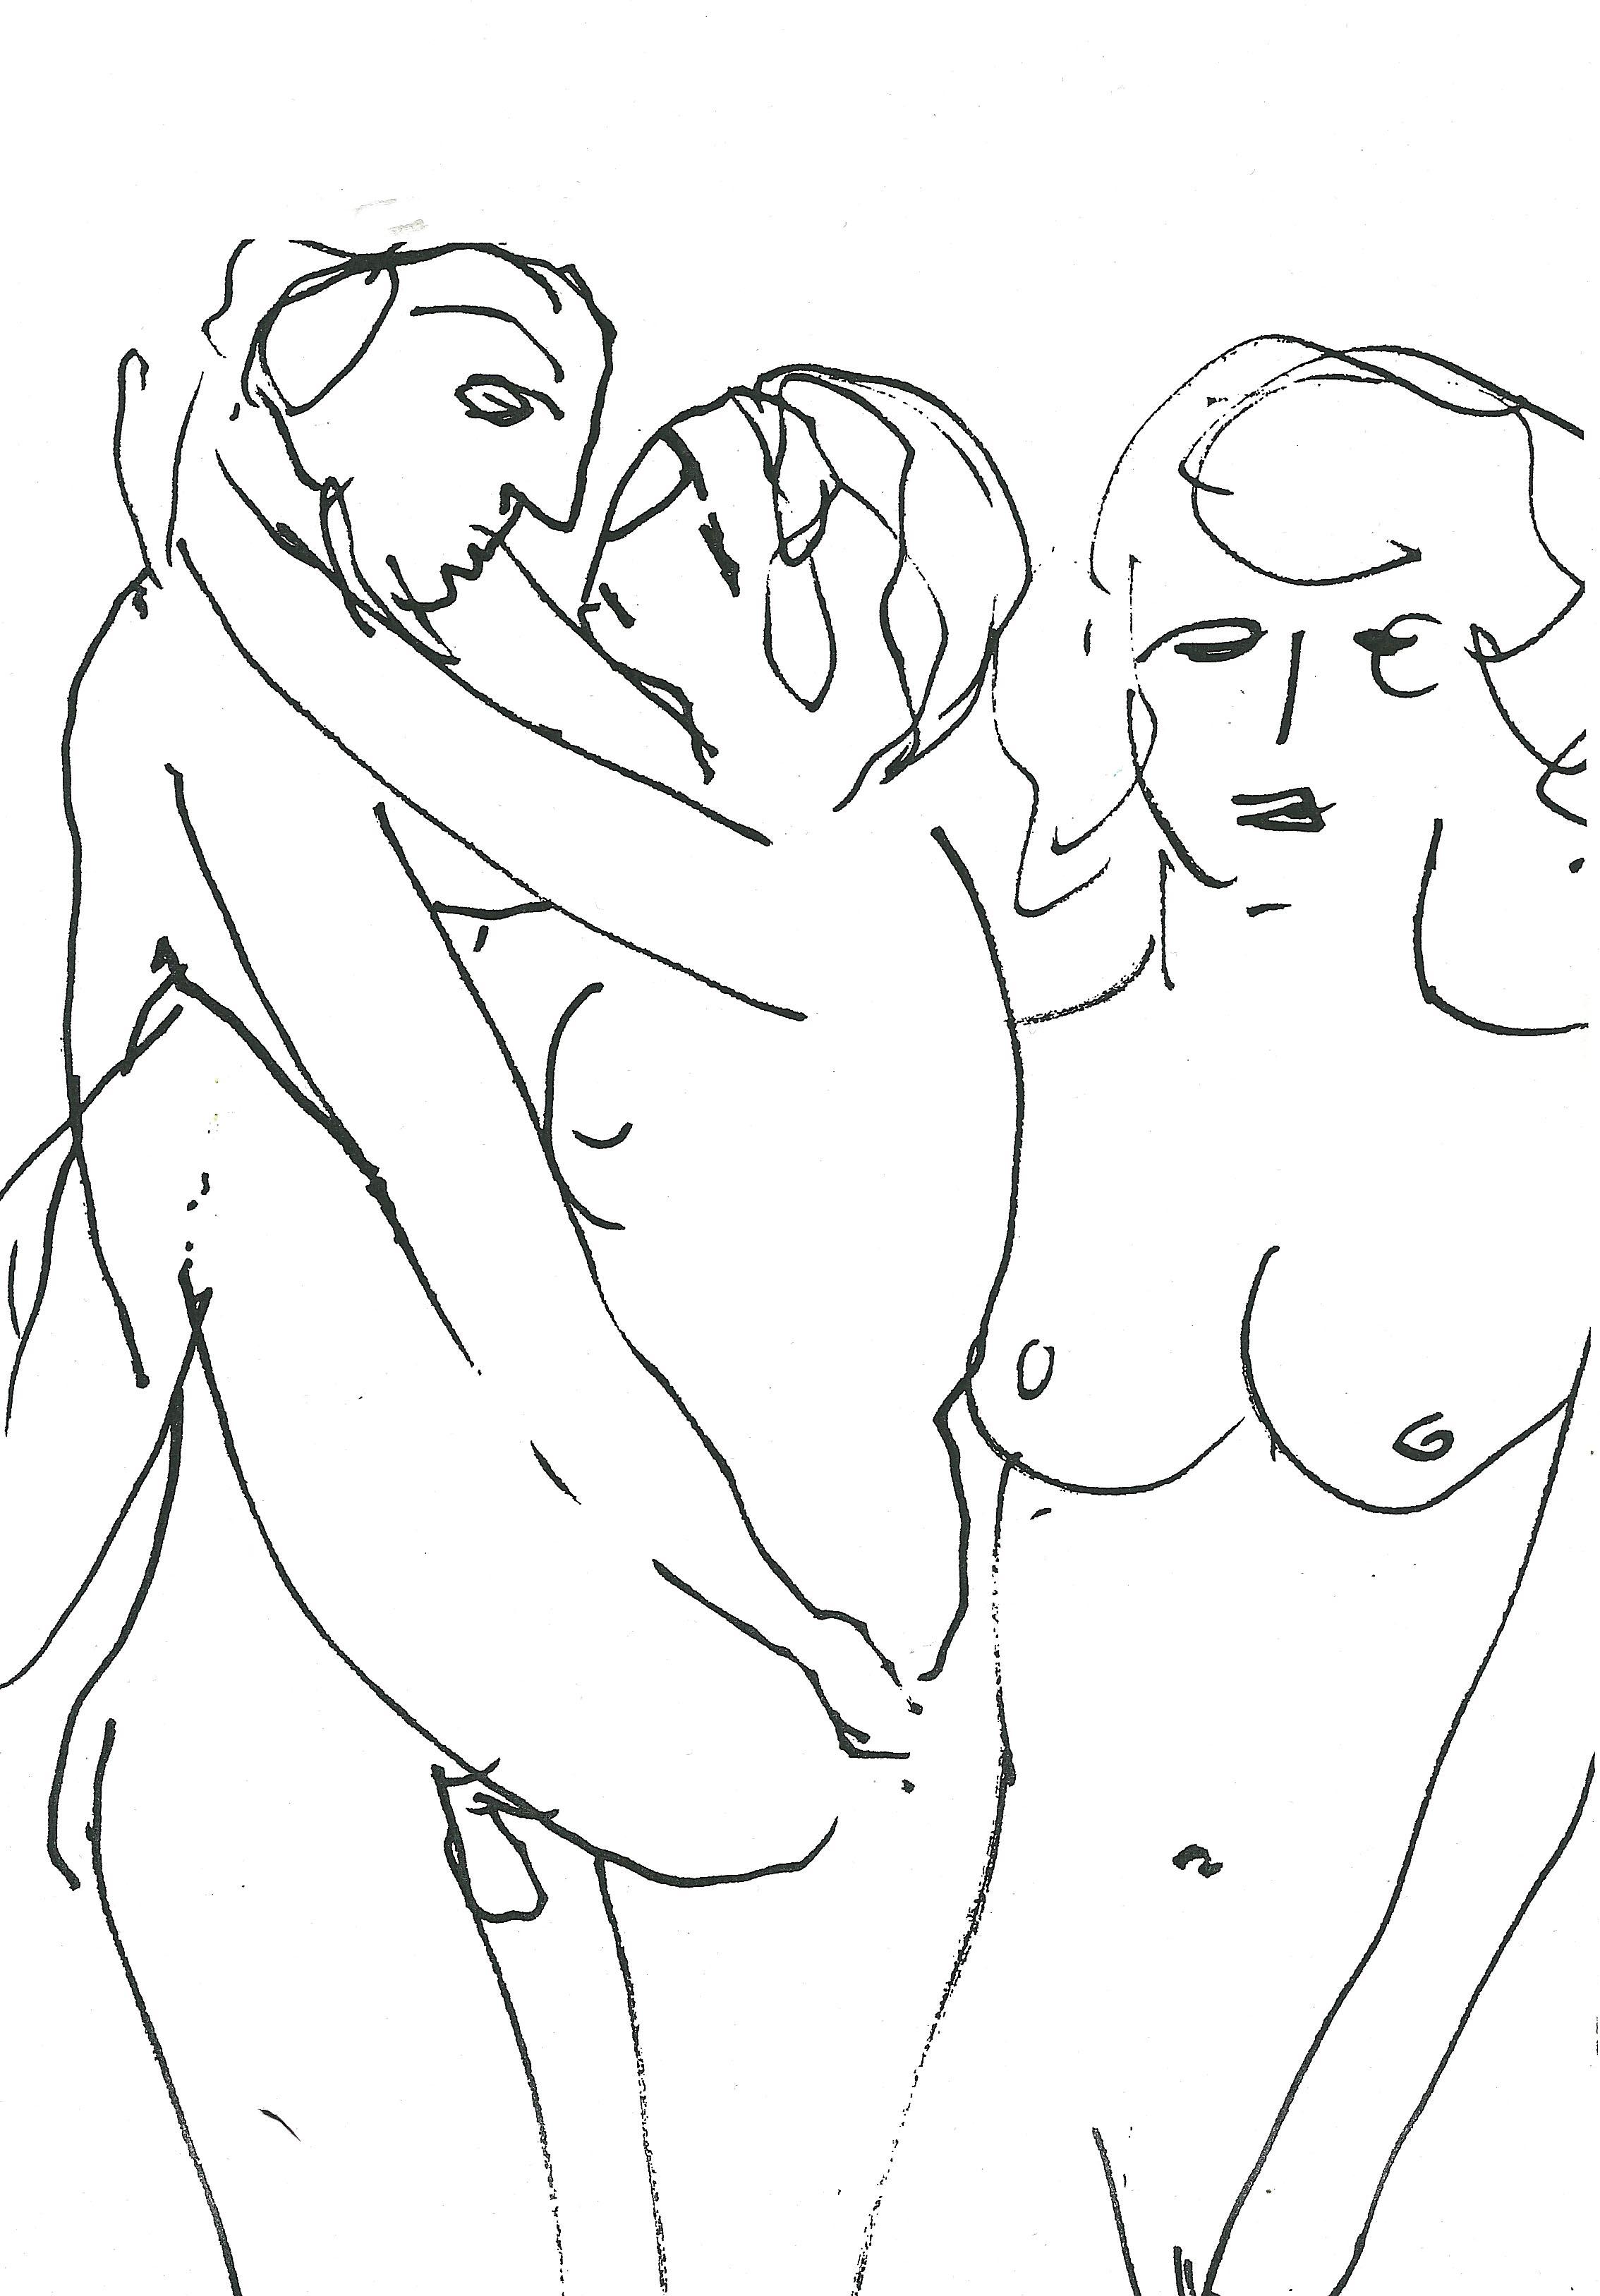 07 de candia disegni erotici04